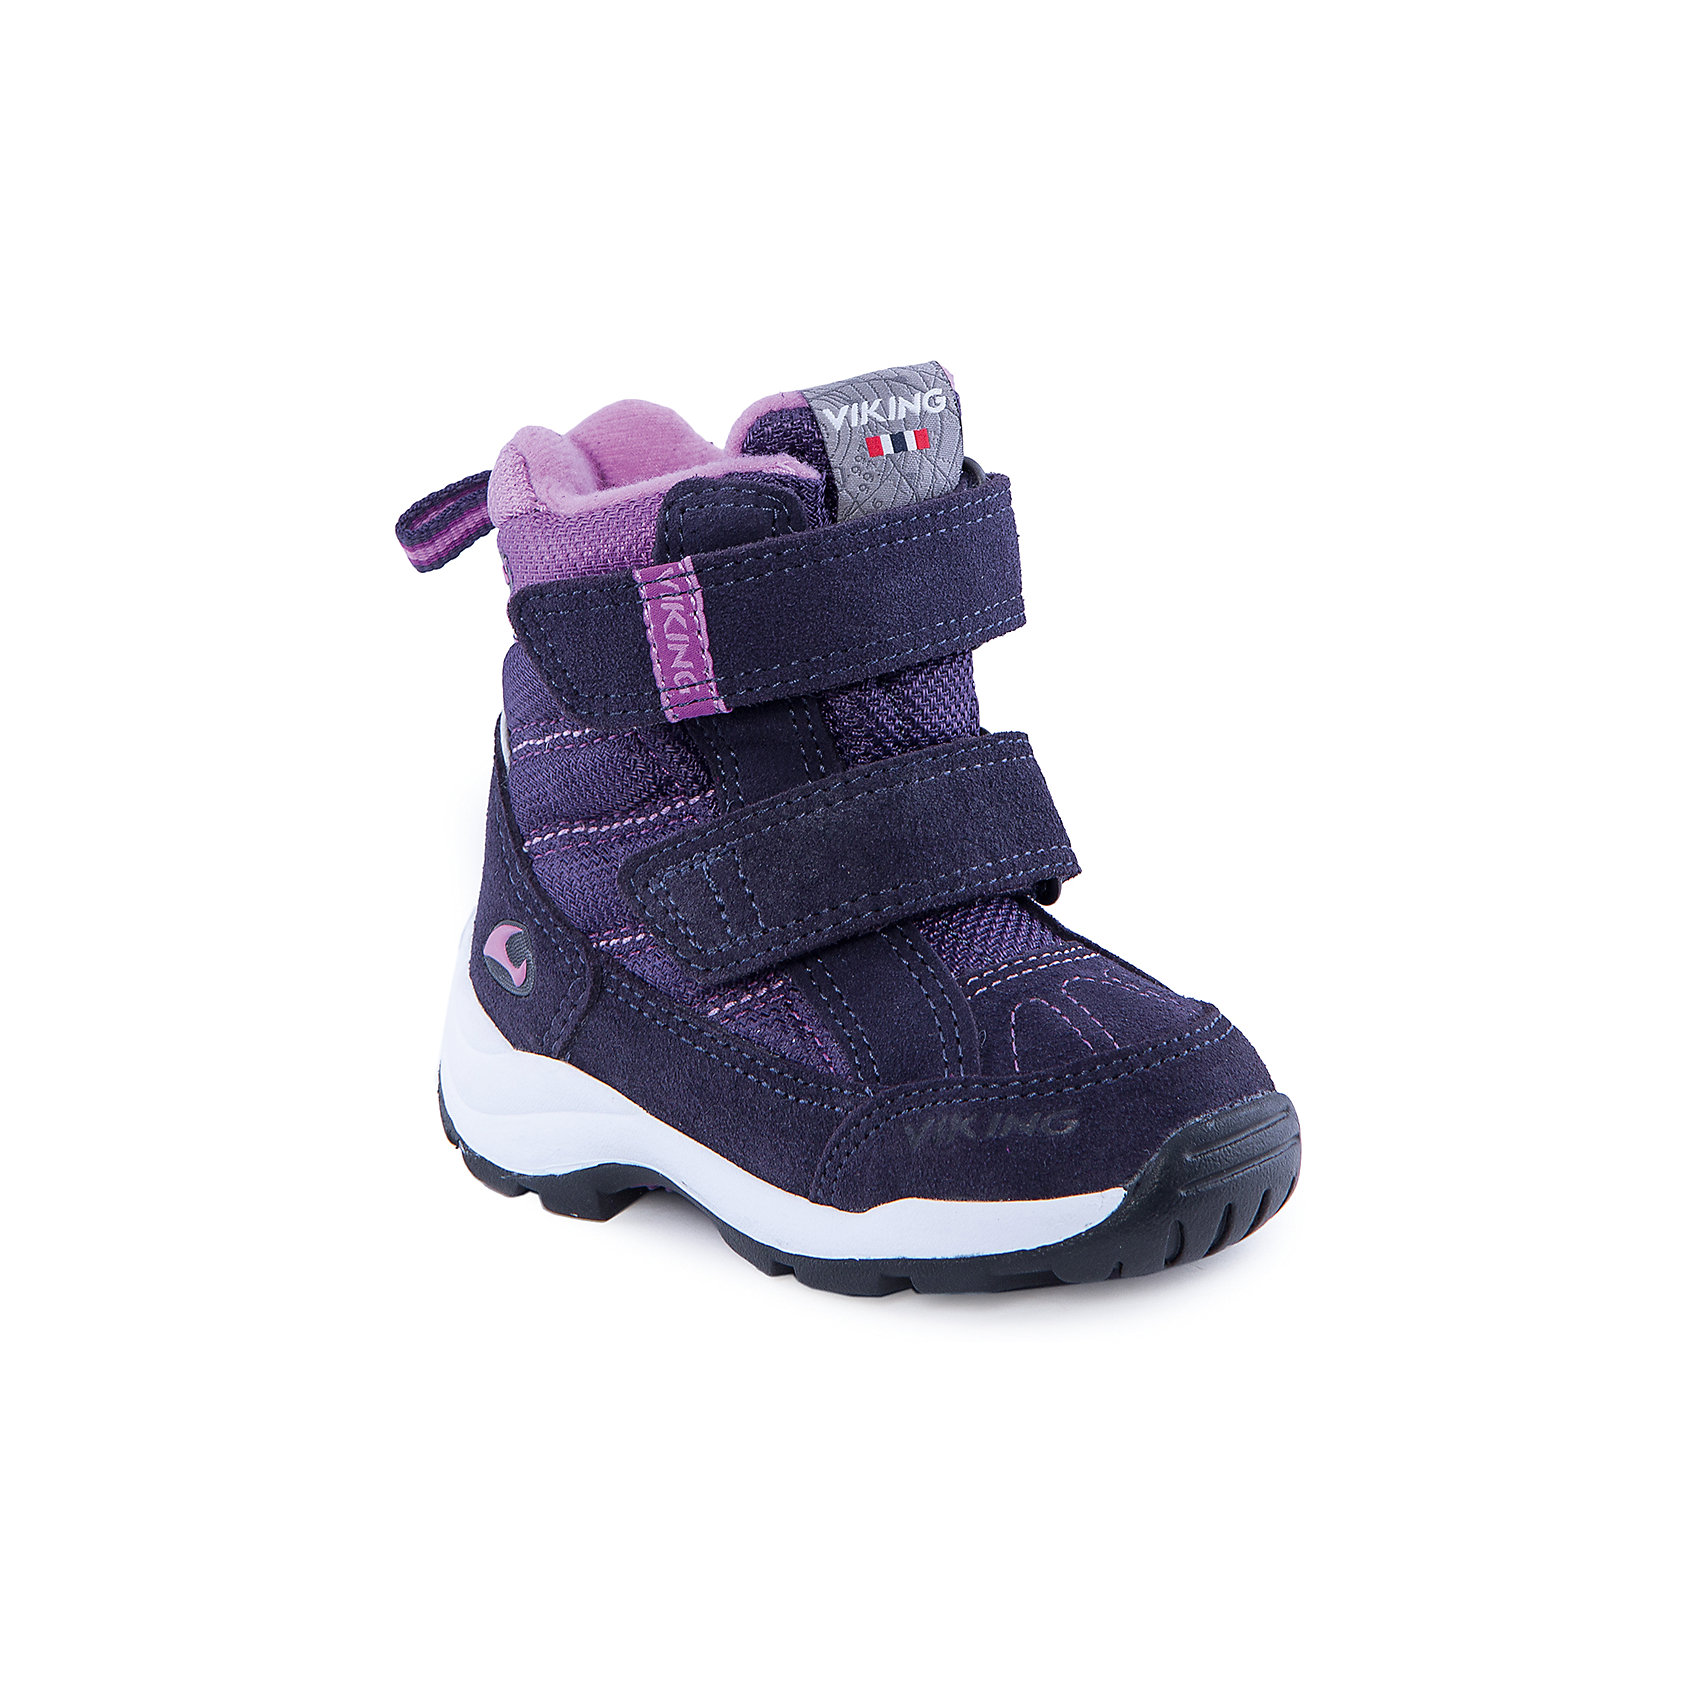 Ботинки для девочки VIKINGБотинки для девочки от популярной марки VIKING <br><br>Теплые и стильные ботинки сделаны по уникальной технологии. <br>Производитель обуви VIKING разработал специальную  высокотехнологичную мембрану GORE-TEX. Она добавляется в подкладку обуви и позволяют ногам оставаться сухими и теплыми. Мембрана активно отводит влагу наружу, и не дает жидкости проникать внутрь. Мембрана GORE-TEX не создает препятствий для воздуха, обеспечивая комфортные условия для детских ножек.<br><br>Отличительные особенности модели:<br><br>- цвет: фиолетовый;<br>- гибкая нескользящая подошва;<br>- утепленная стелька;<br>- небольшой вес;<br>- усиленный носок и задник;<br>- эргономичная форма;<br>- мембрана GORE-TEX;<br>- специальная колодка для поддержания правильного положения стопы;<br>- соединенный с ботинком язычок, не дающий снегу попасть внутрь;<br>- удобный супинатор;<br>- застежки-липучки.<br><br>Дополнительная информация:<br><br>- Температурный режим: от - 30° С  до -0° С.<br><br>- Состав:<br><br>материал верха: 50% натуральная замша, 50% текстиль<br>материал подкладки: 80% шерсть, 20% полиэстер, мембрана GORE-TEX<br>подошва: резина<br><br>Ботинки для девочки VIKING (Викинг) можно купить в нашем магазине.<br><br>Ширина мм: 262<br>Глубина мм: 176<br>Высота мм: 97<br>Вес г: 427<br>Цвет: фиолетовый<br>Возраст от месяцев: 21<br>Возраст до месяцев: 24<br>Пол: Женский<br>Возраст: Детский<br>Размер: 24,23,30,25,28,27,26,22,20,21,29<br>SKU: 4279179